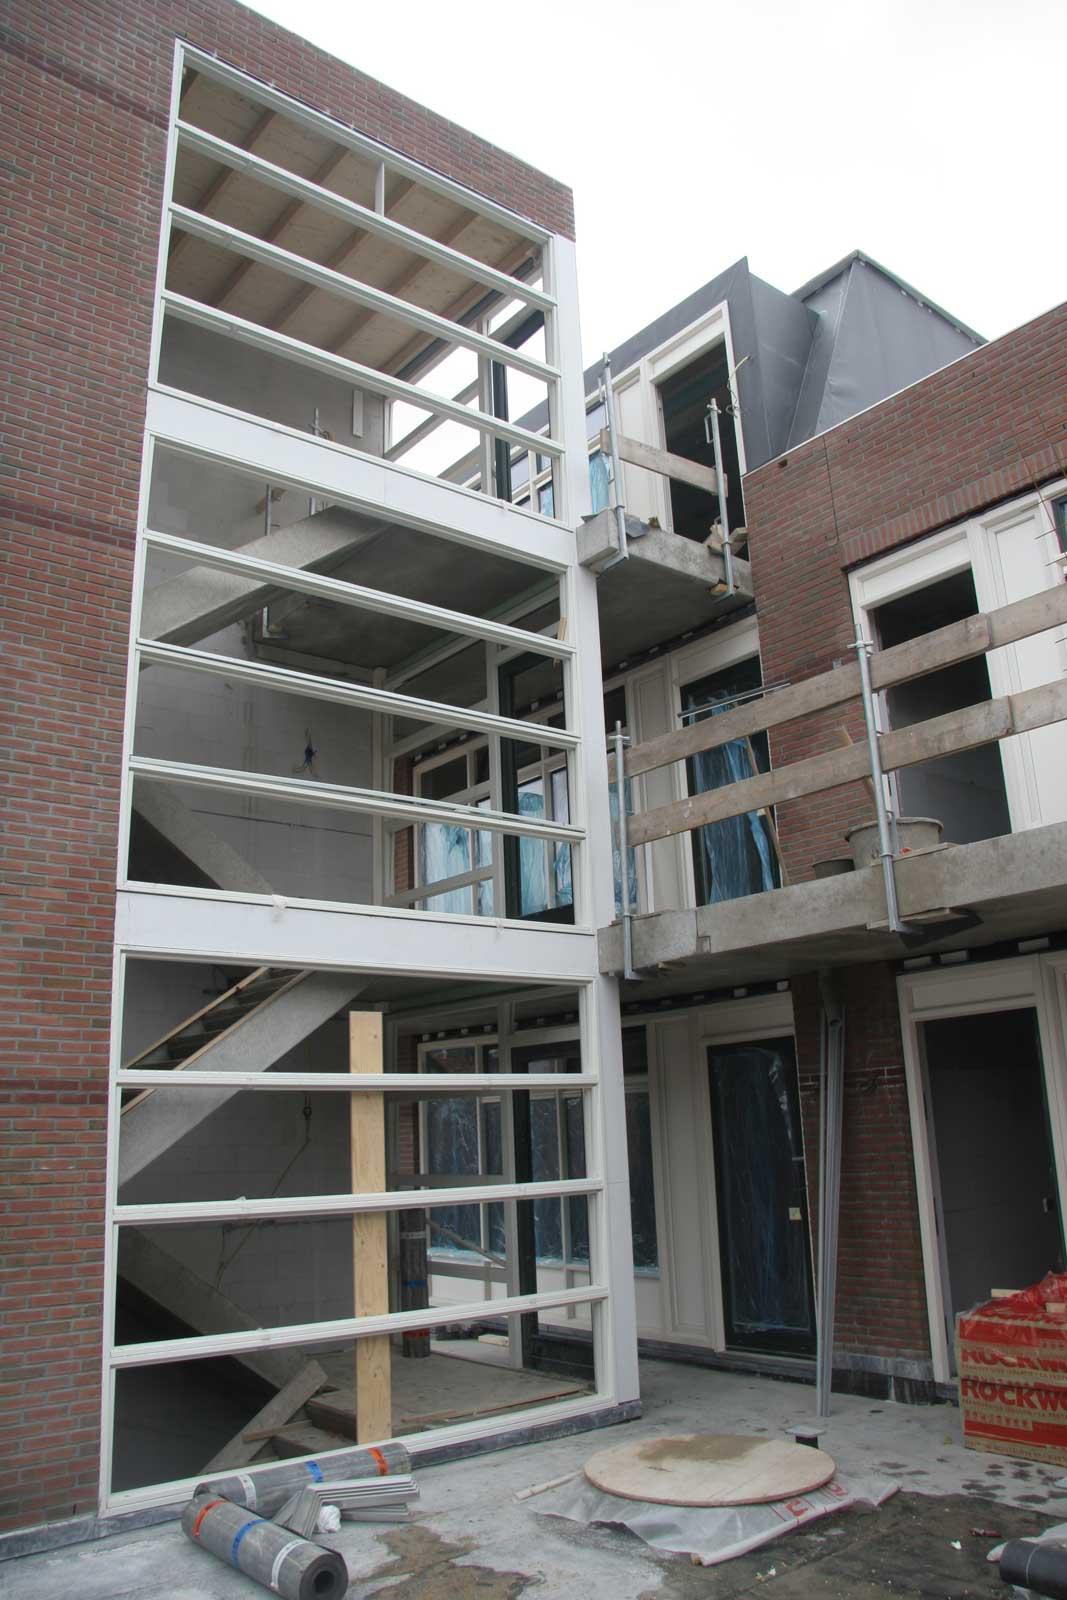 bouwupdate - wooncomlex Plantsoenstraat Purmerend